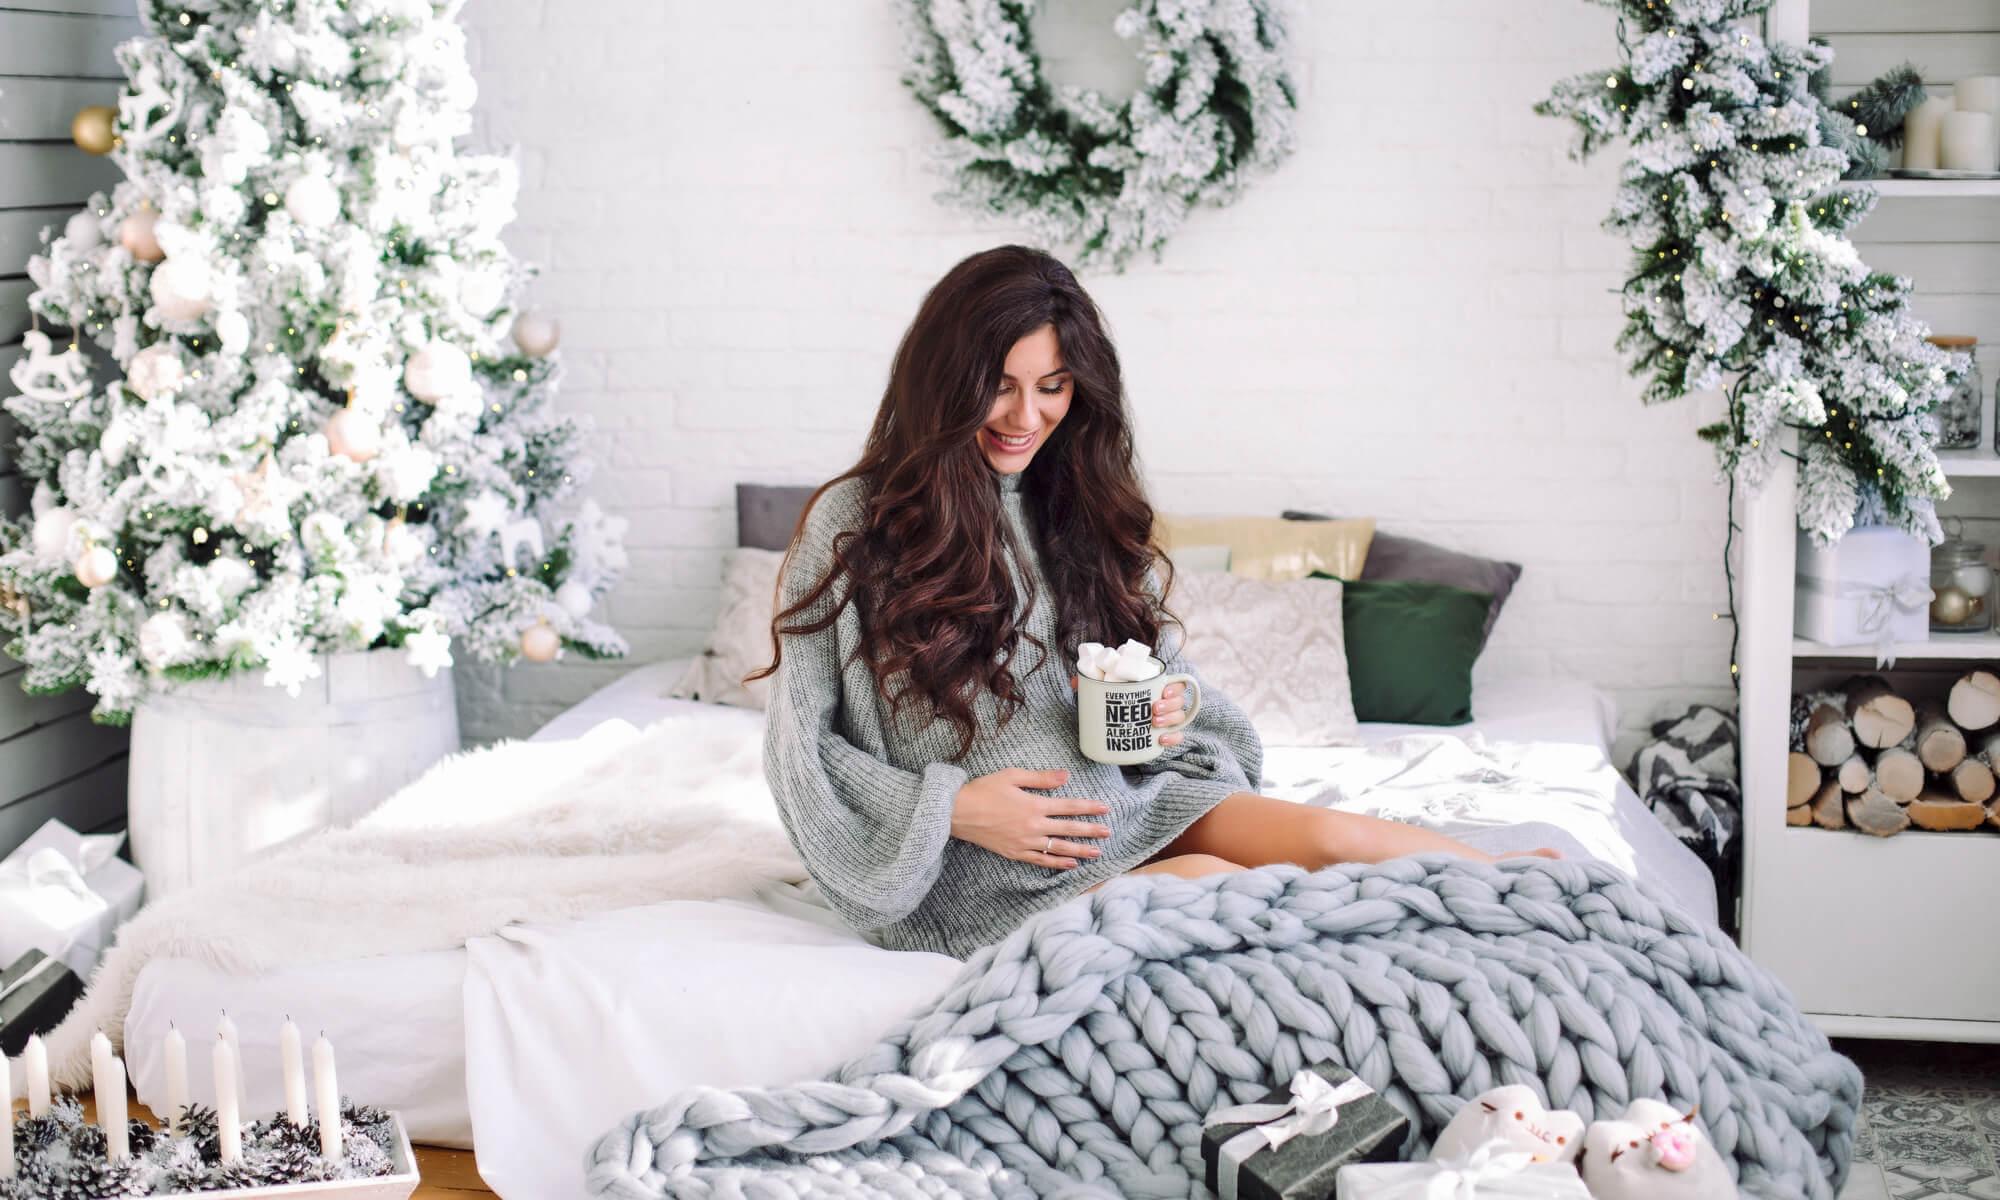 Фотосъемка для беременной в студии на Новый год